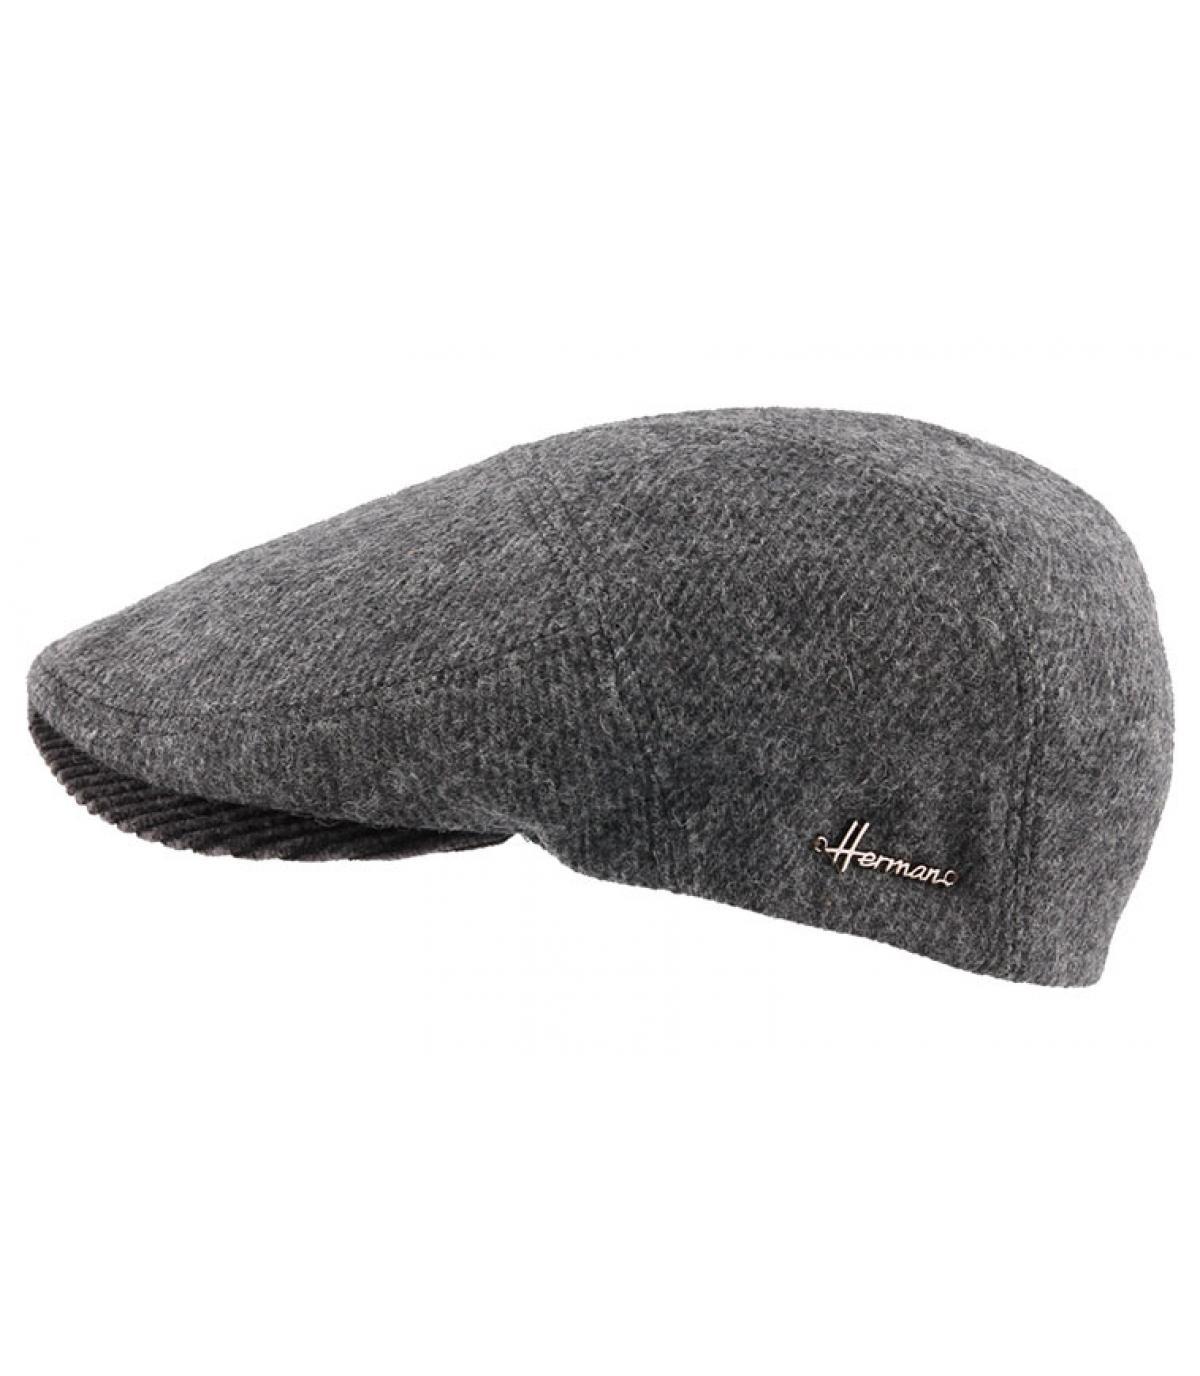 Detalles Barents Wool Corduroy grey imagen 2